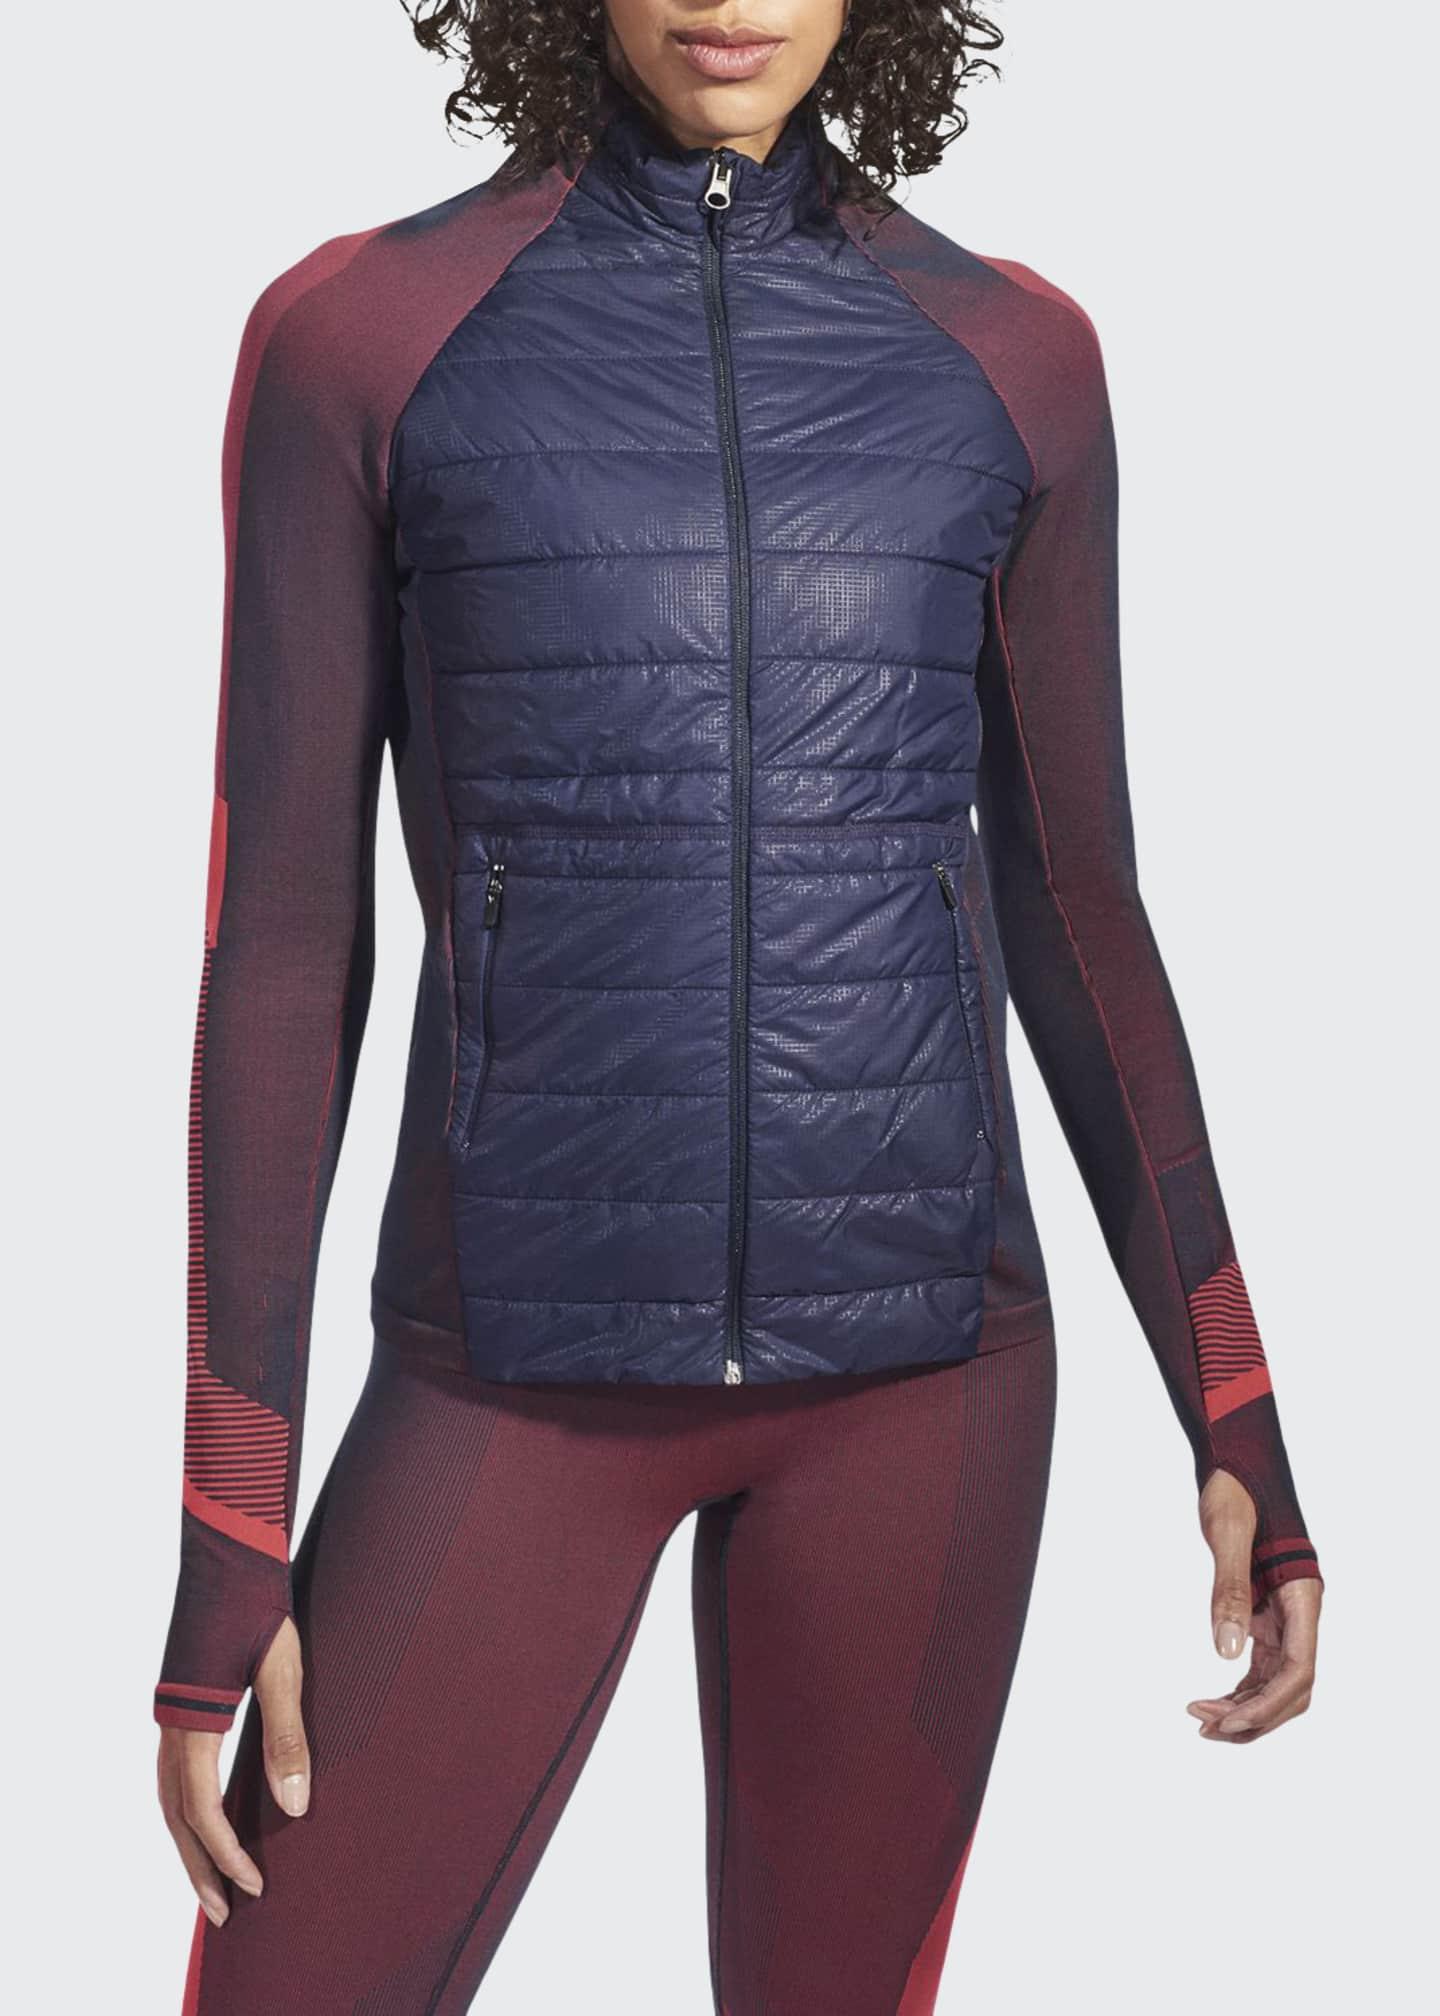 LNDR Buzz Zip-Front Active Jacket